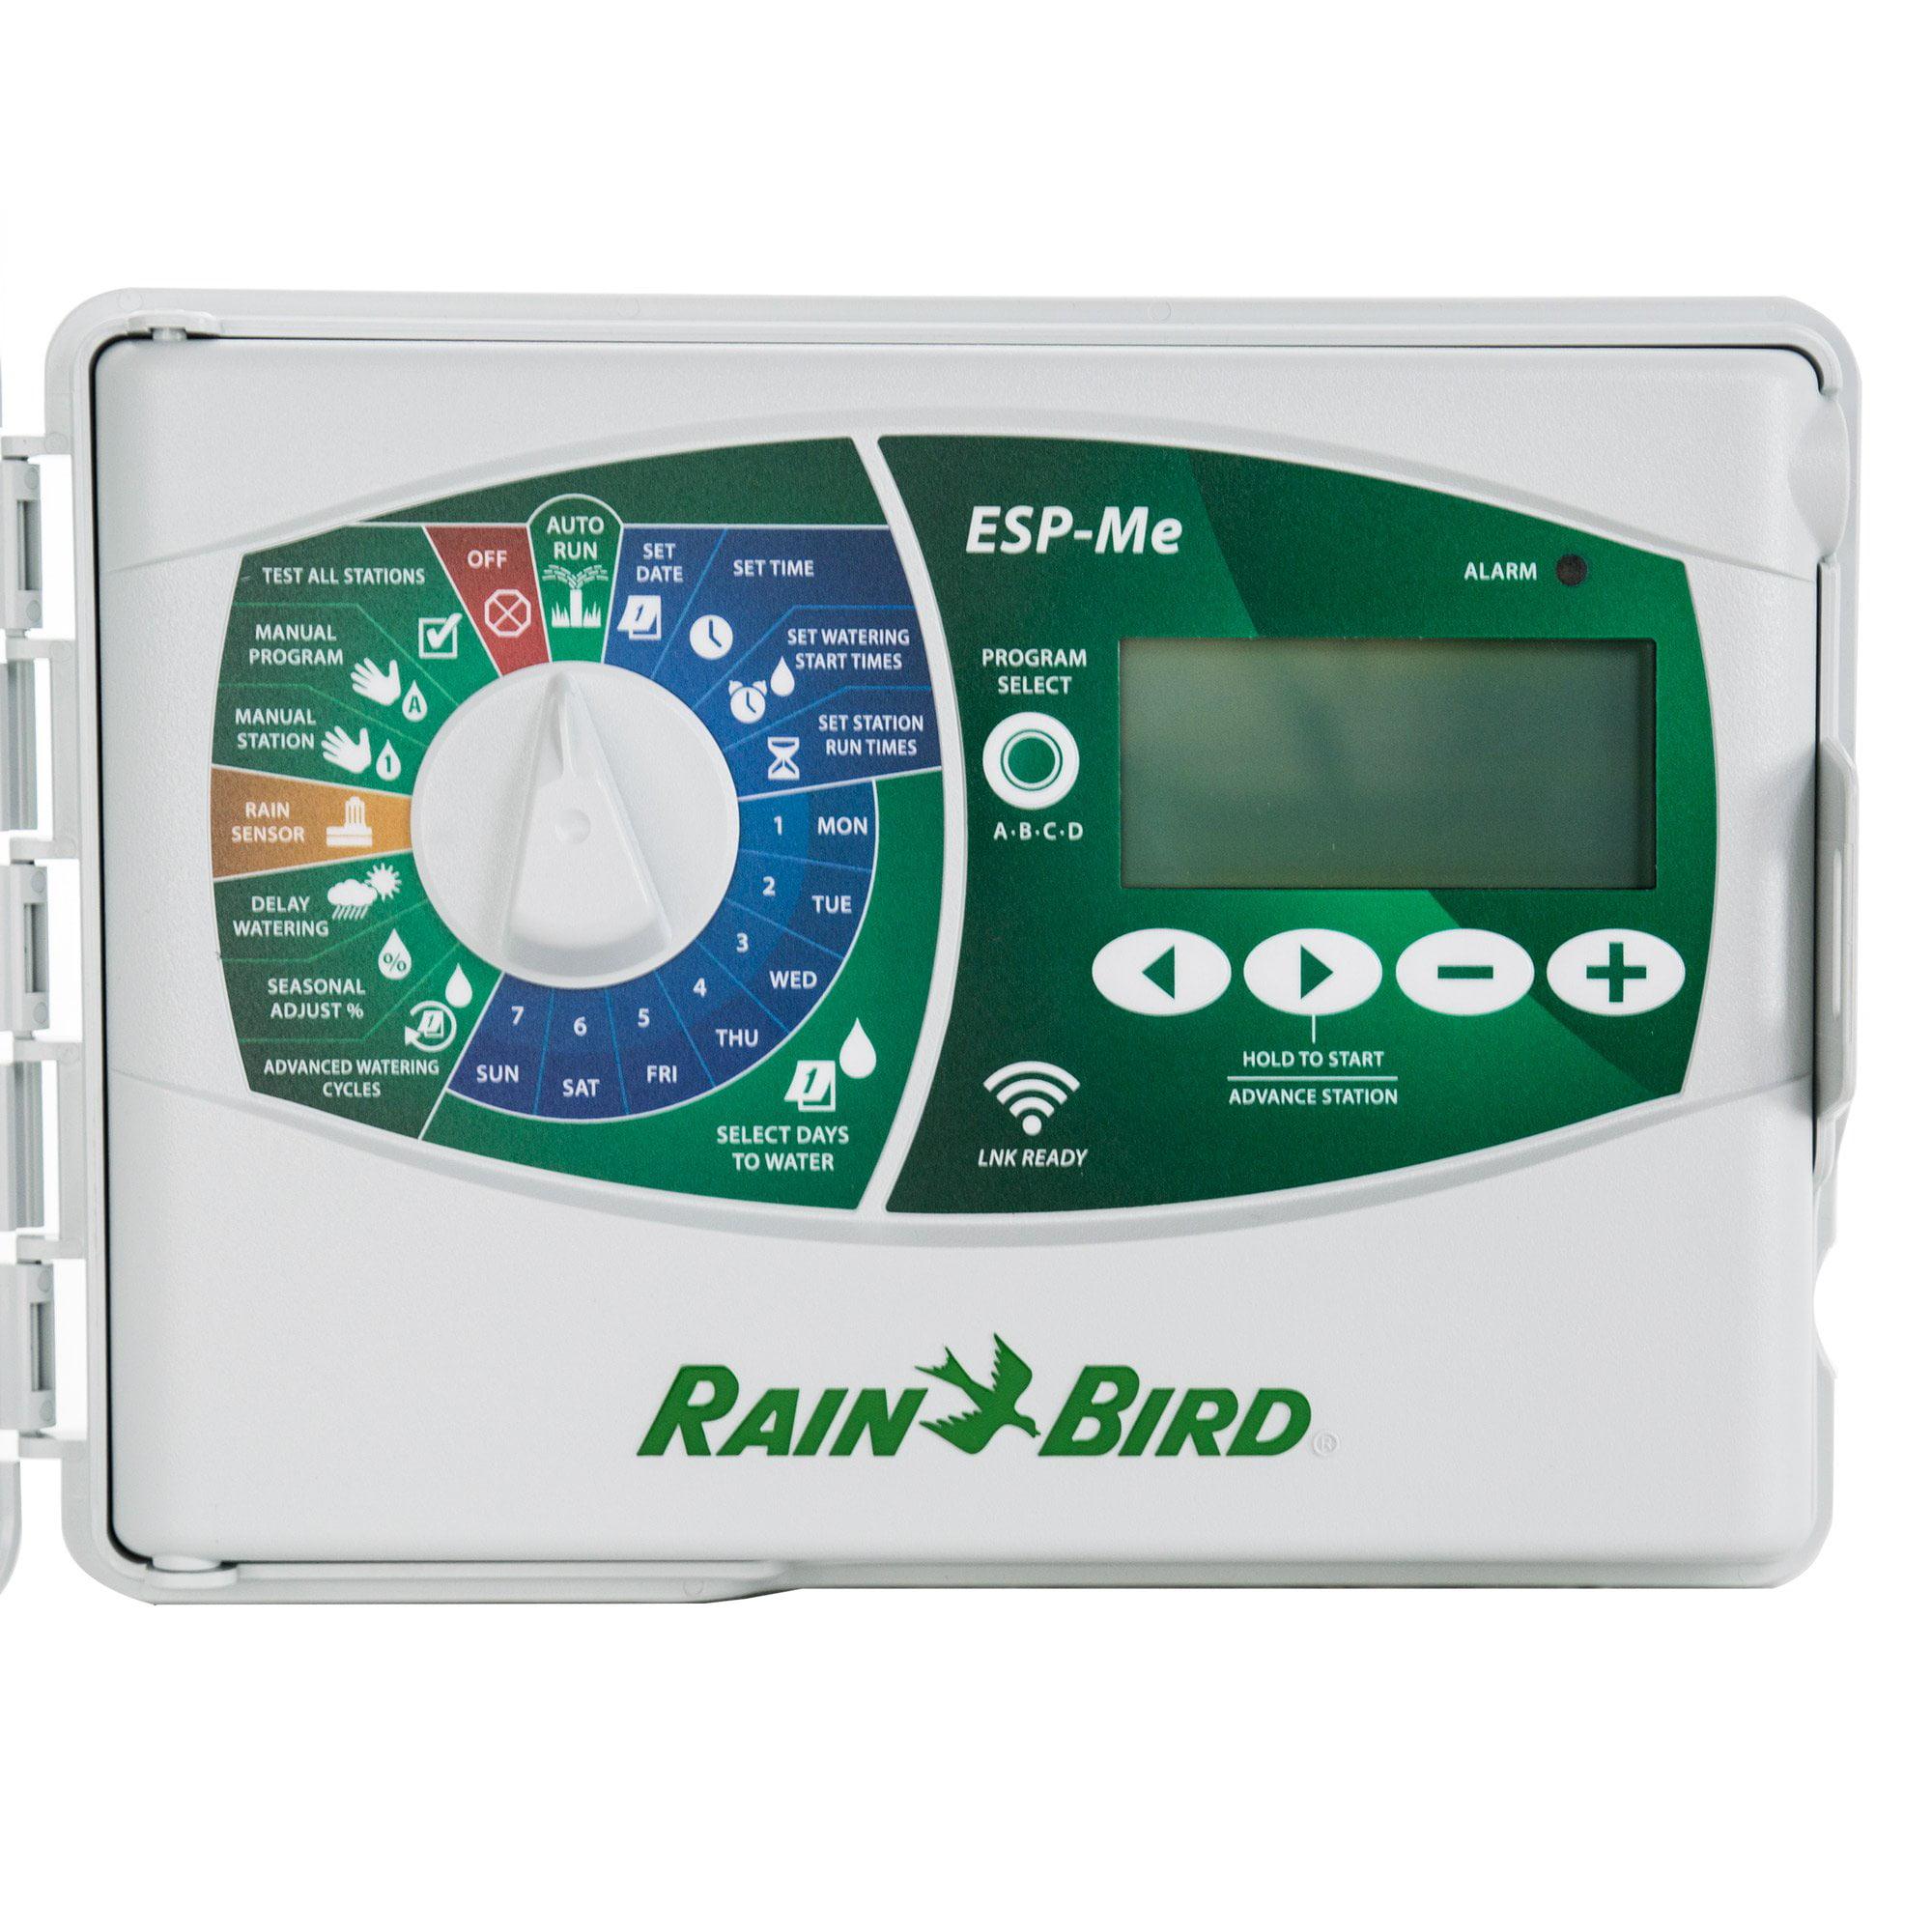 Rain Bird Smart LNK WiFi 10 Station Irrigation Sprinkler System Controller Timer